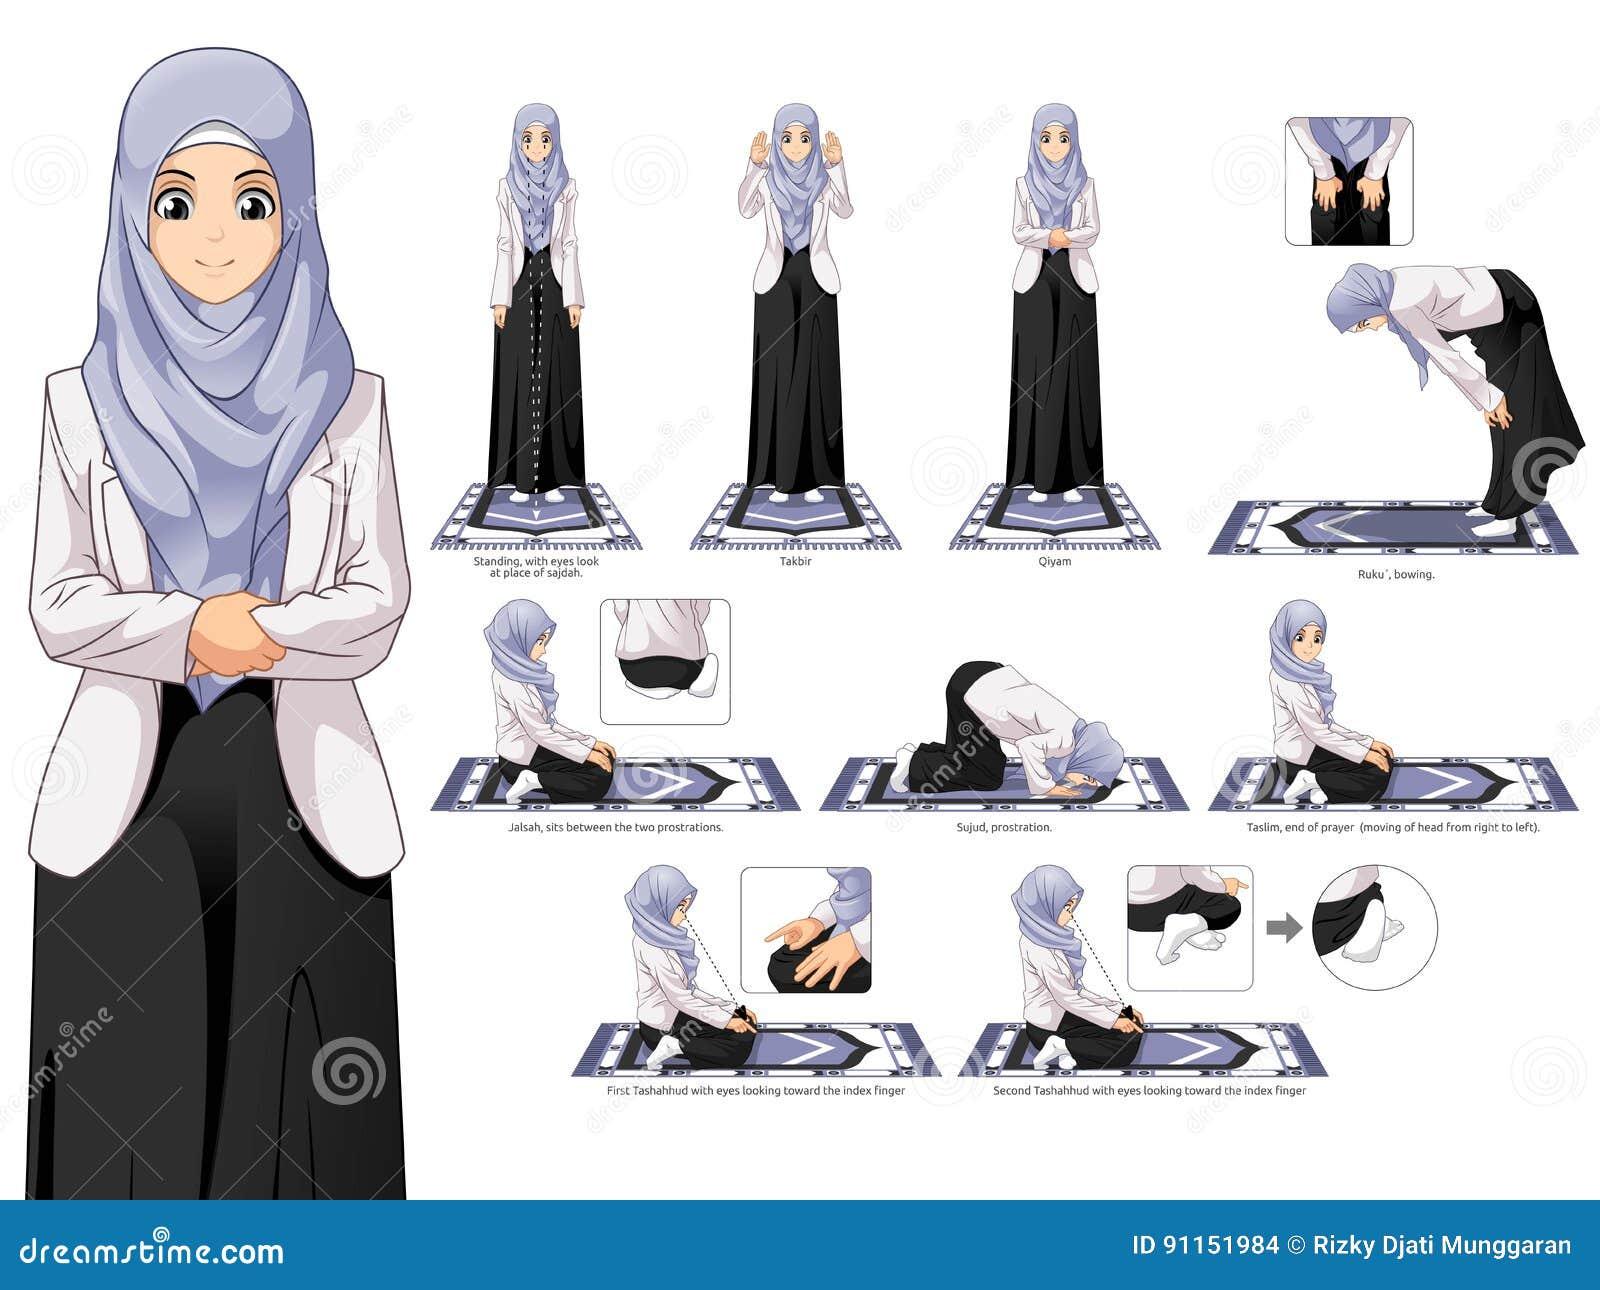 Ganzer Satz des moslemischen Frauen-Gebets-Positions-Führers Schritt für Schritt